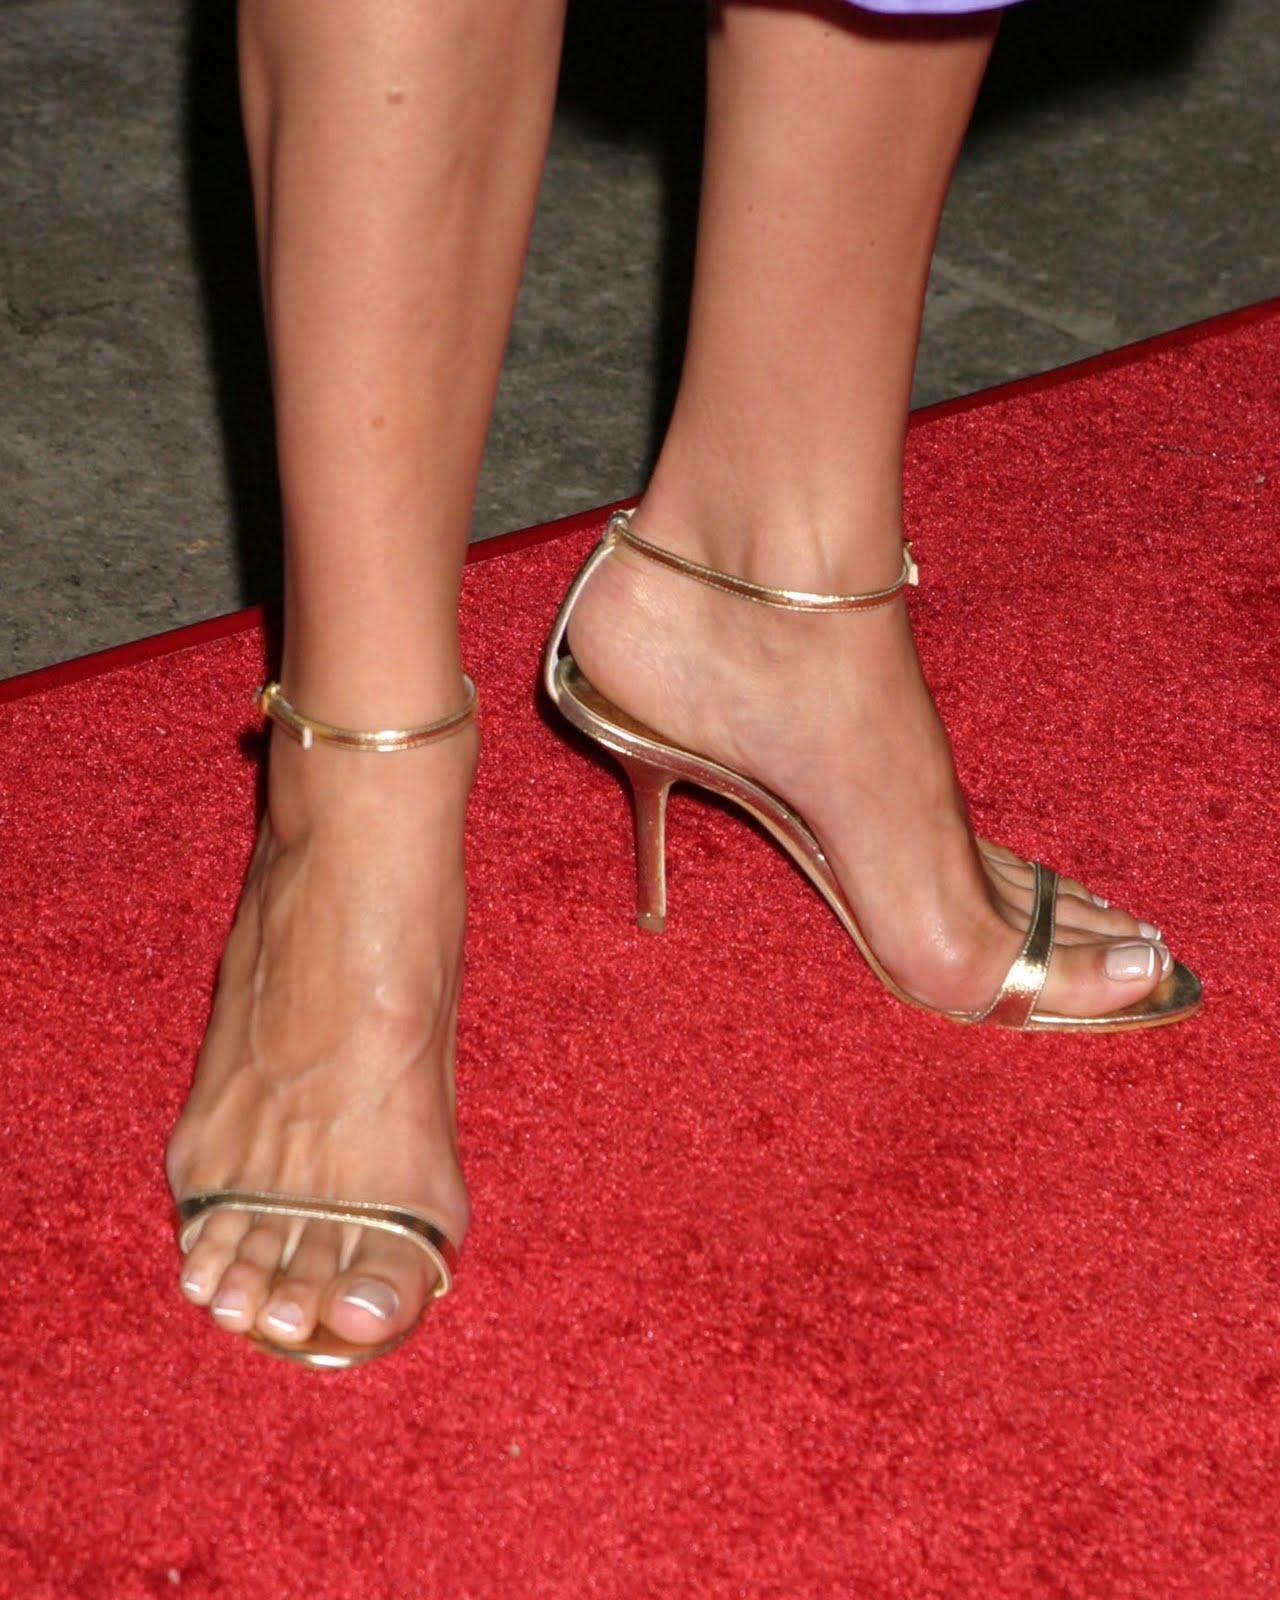 http://3.bp.blogspot.com/_UaLWp72nij4/TAVwmE3_6BI/AAAAAAAANPQ/j1eF7C3BiWg/s1600/mariska-hargitay-feet-2.jpg